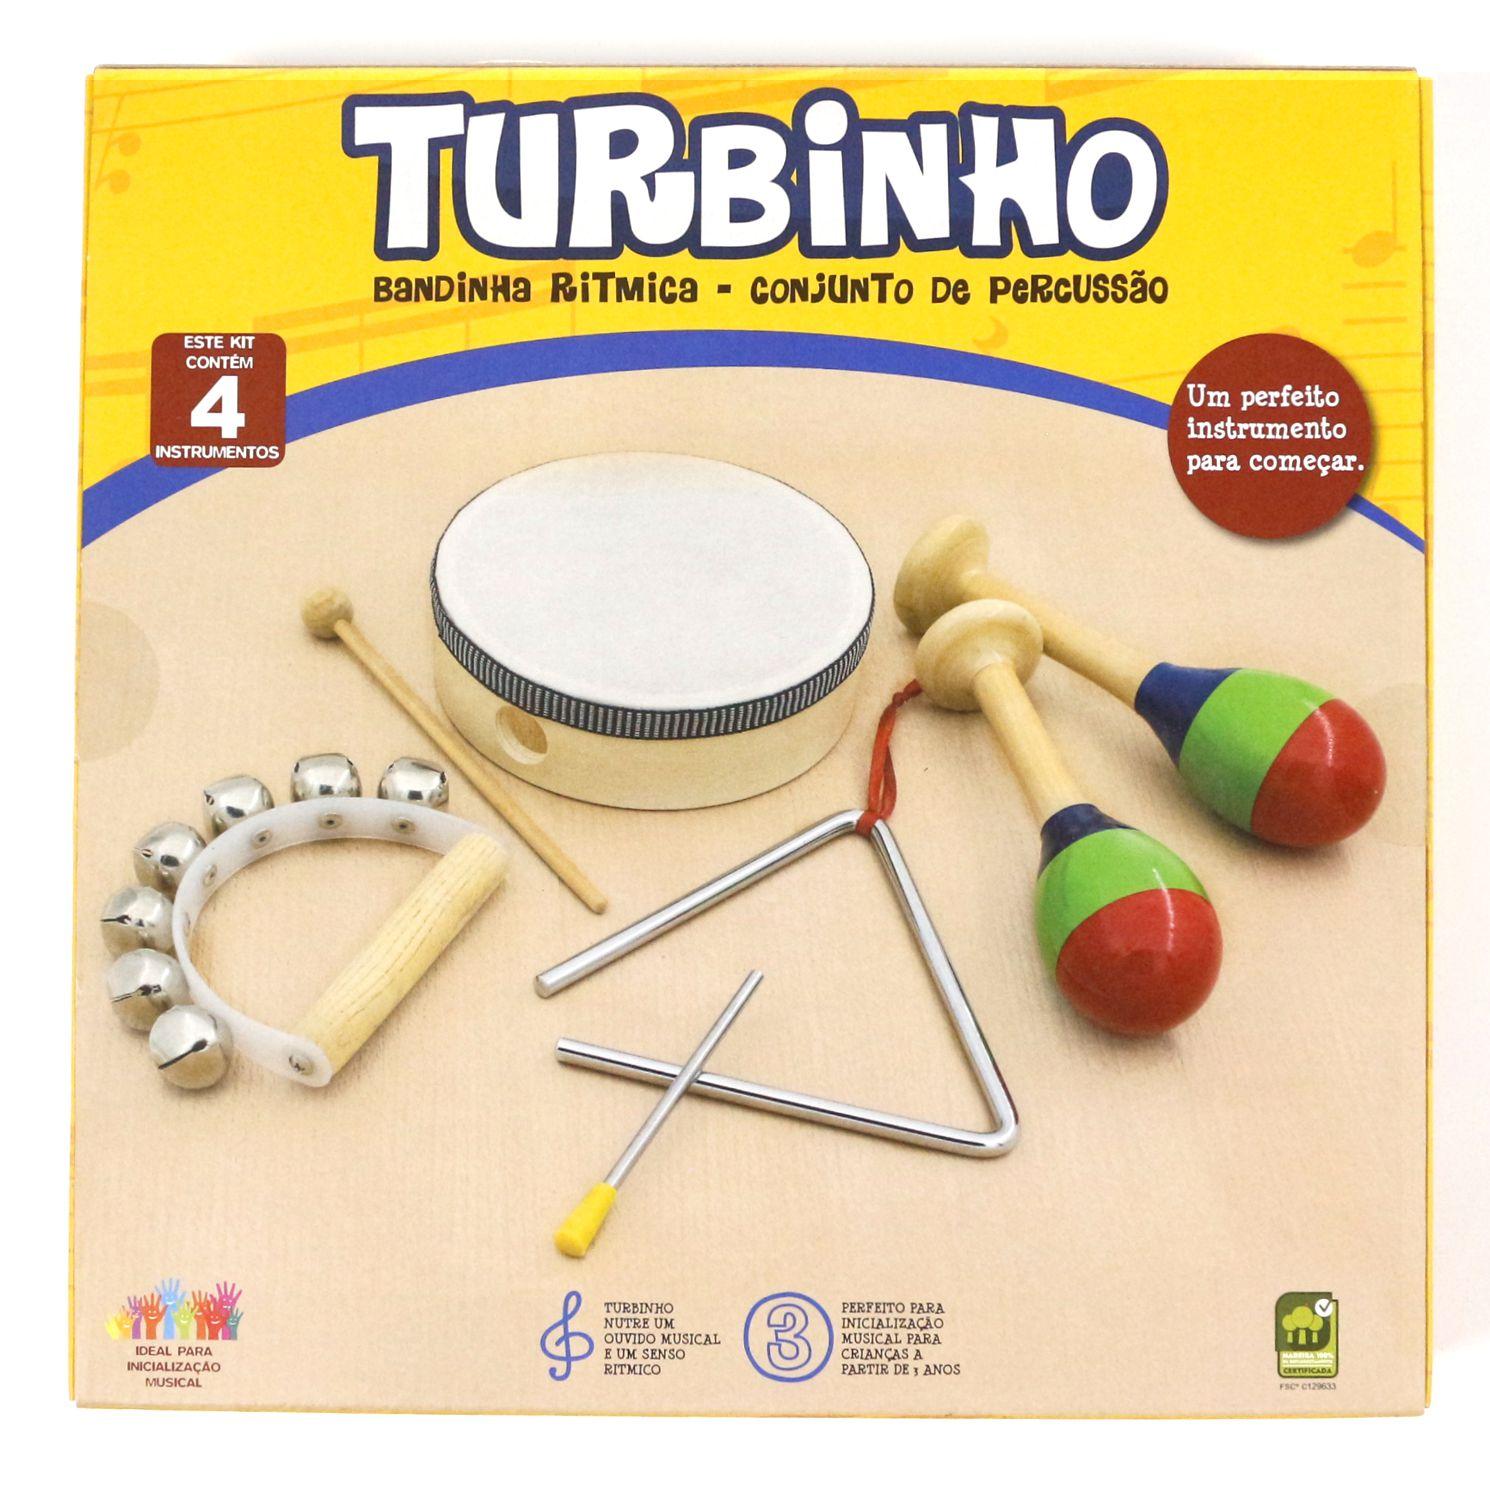 Conjunto de Percussão Infantil Turbinho - Banda Ritmica com 4 Instrumentos